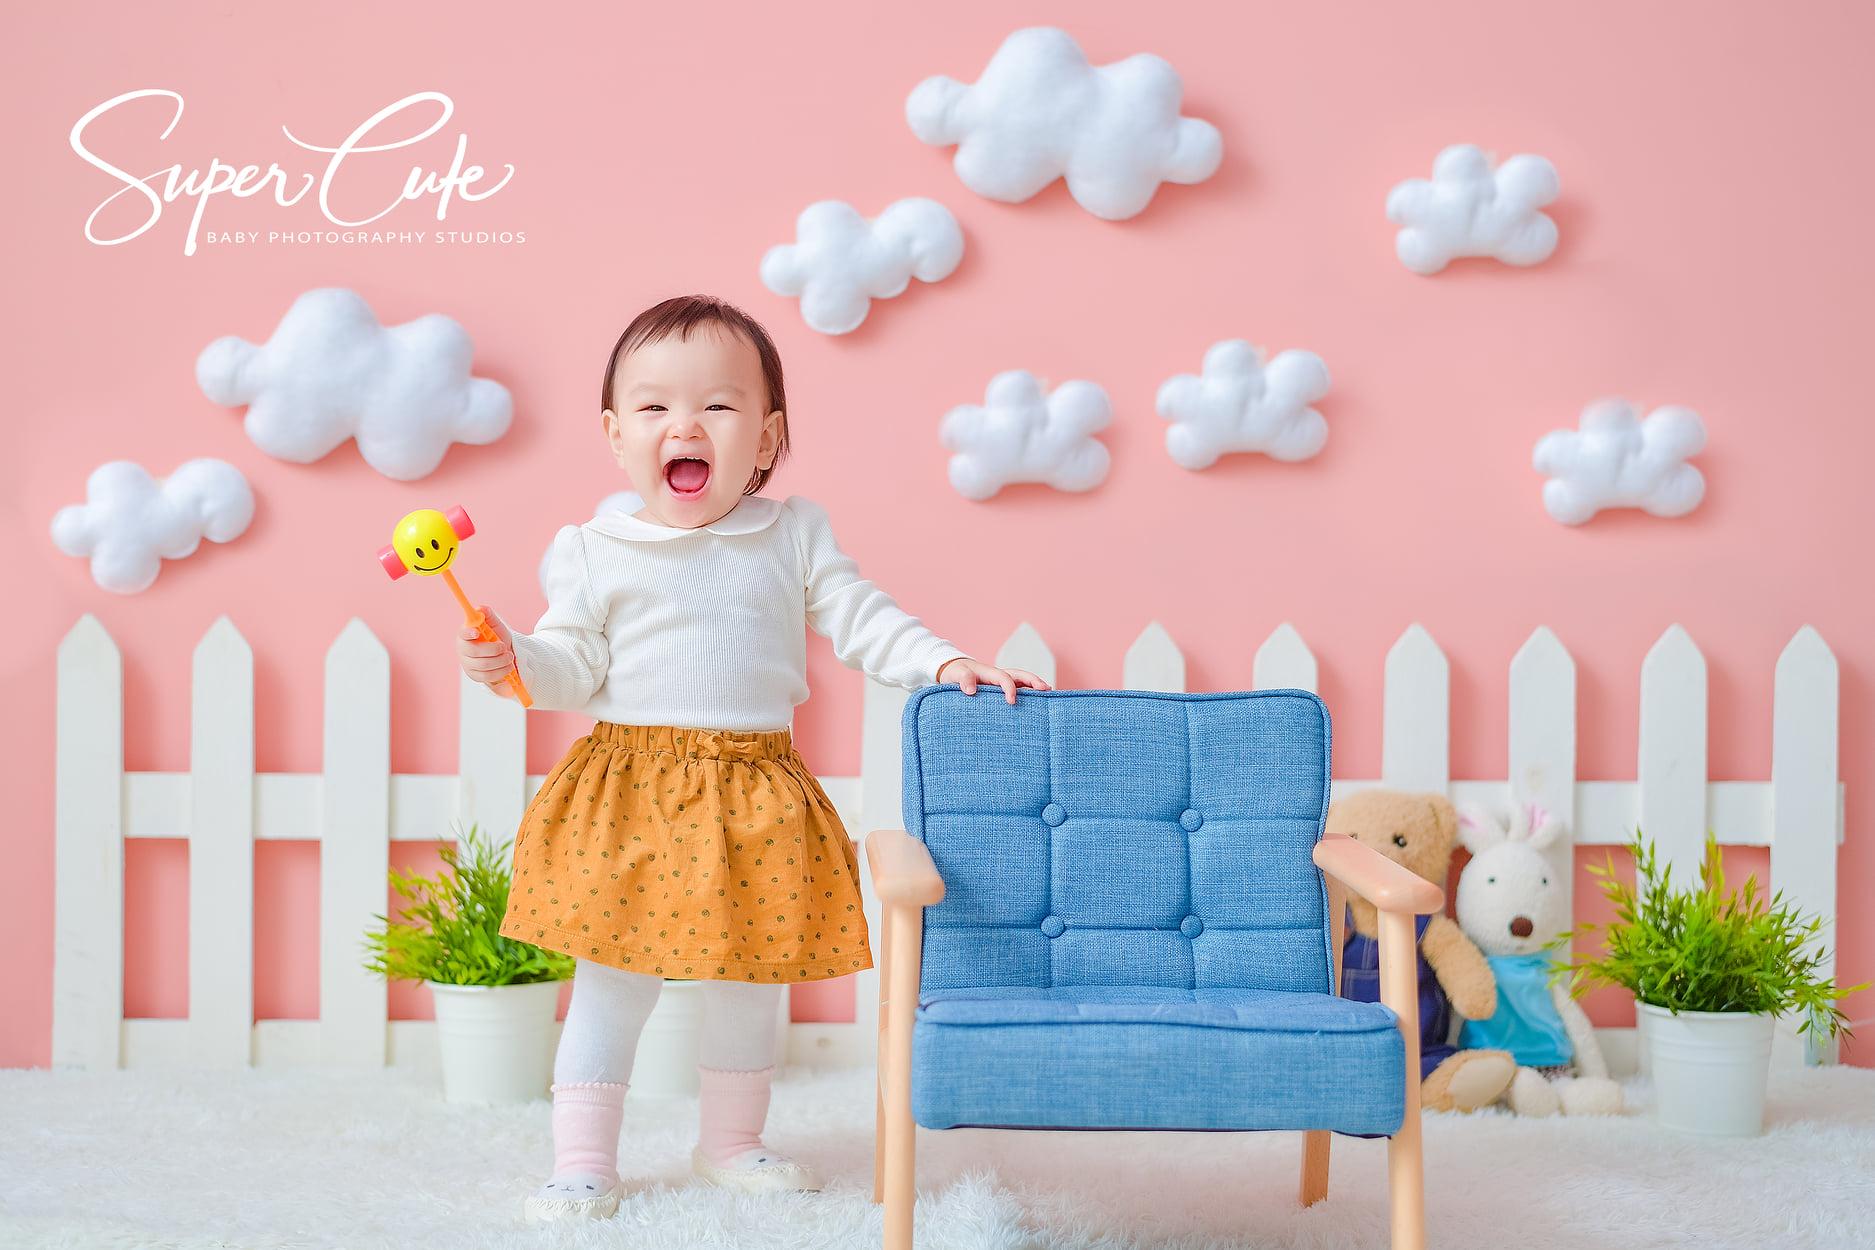 棚內兒童寫真-5800 Mini迷你方案